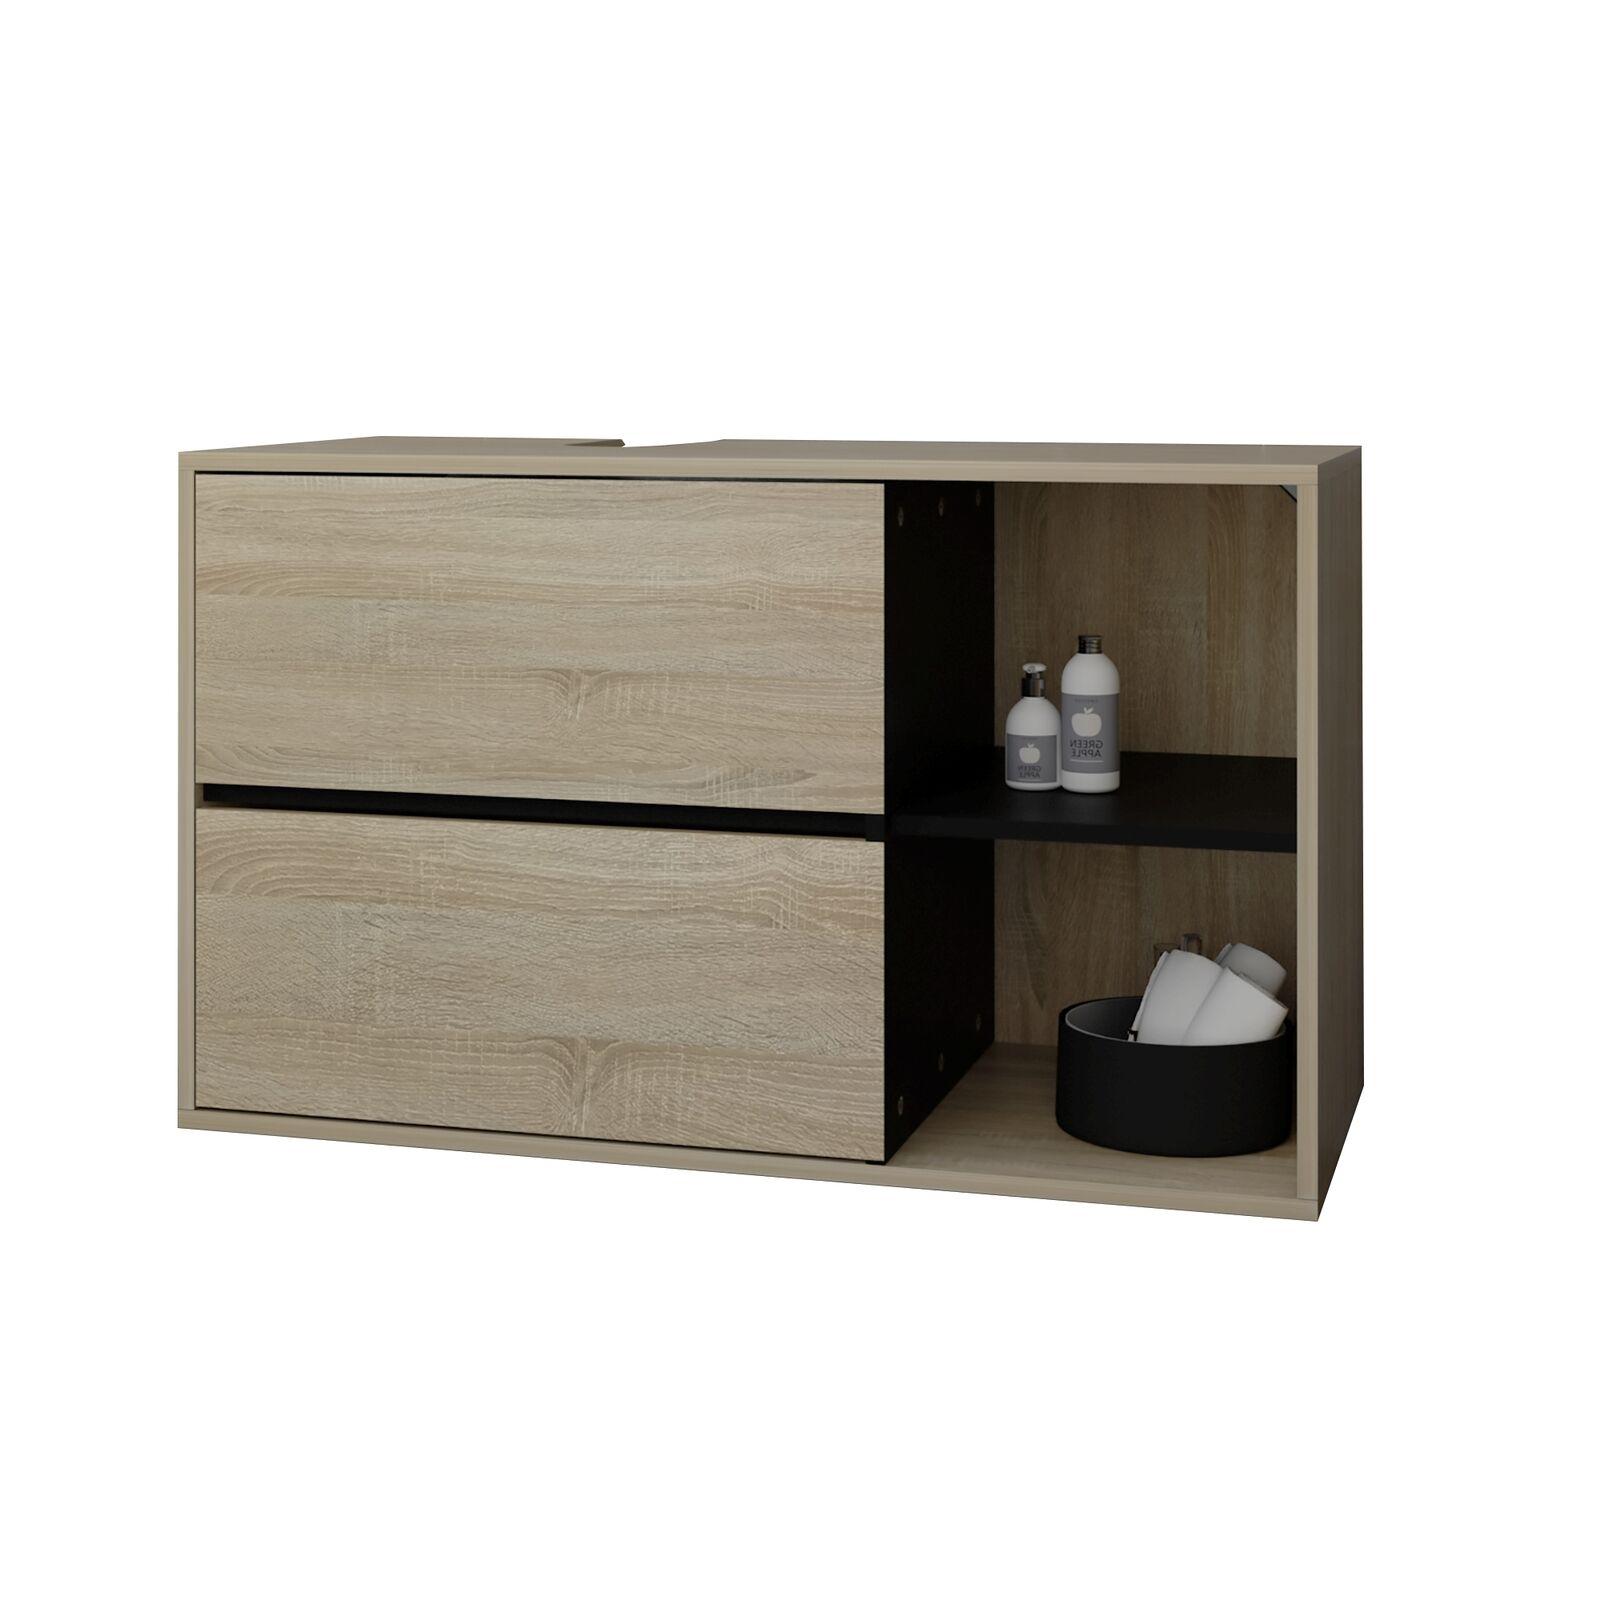 Armario para cuarto de baño mueble marrón espacio multifuncional 100x60x45,5cm